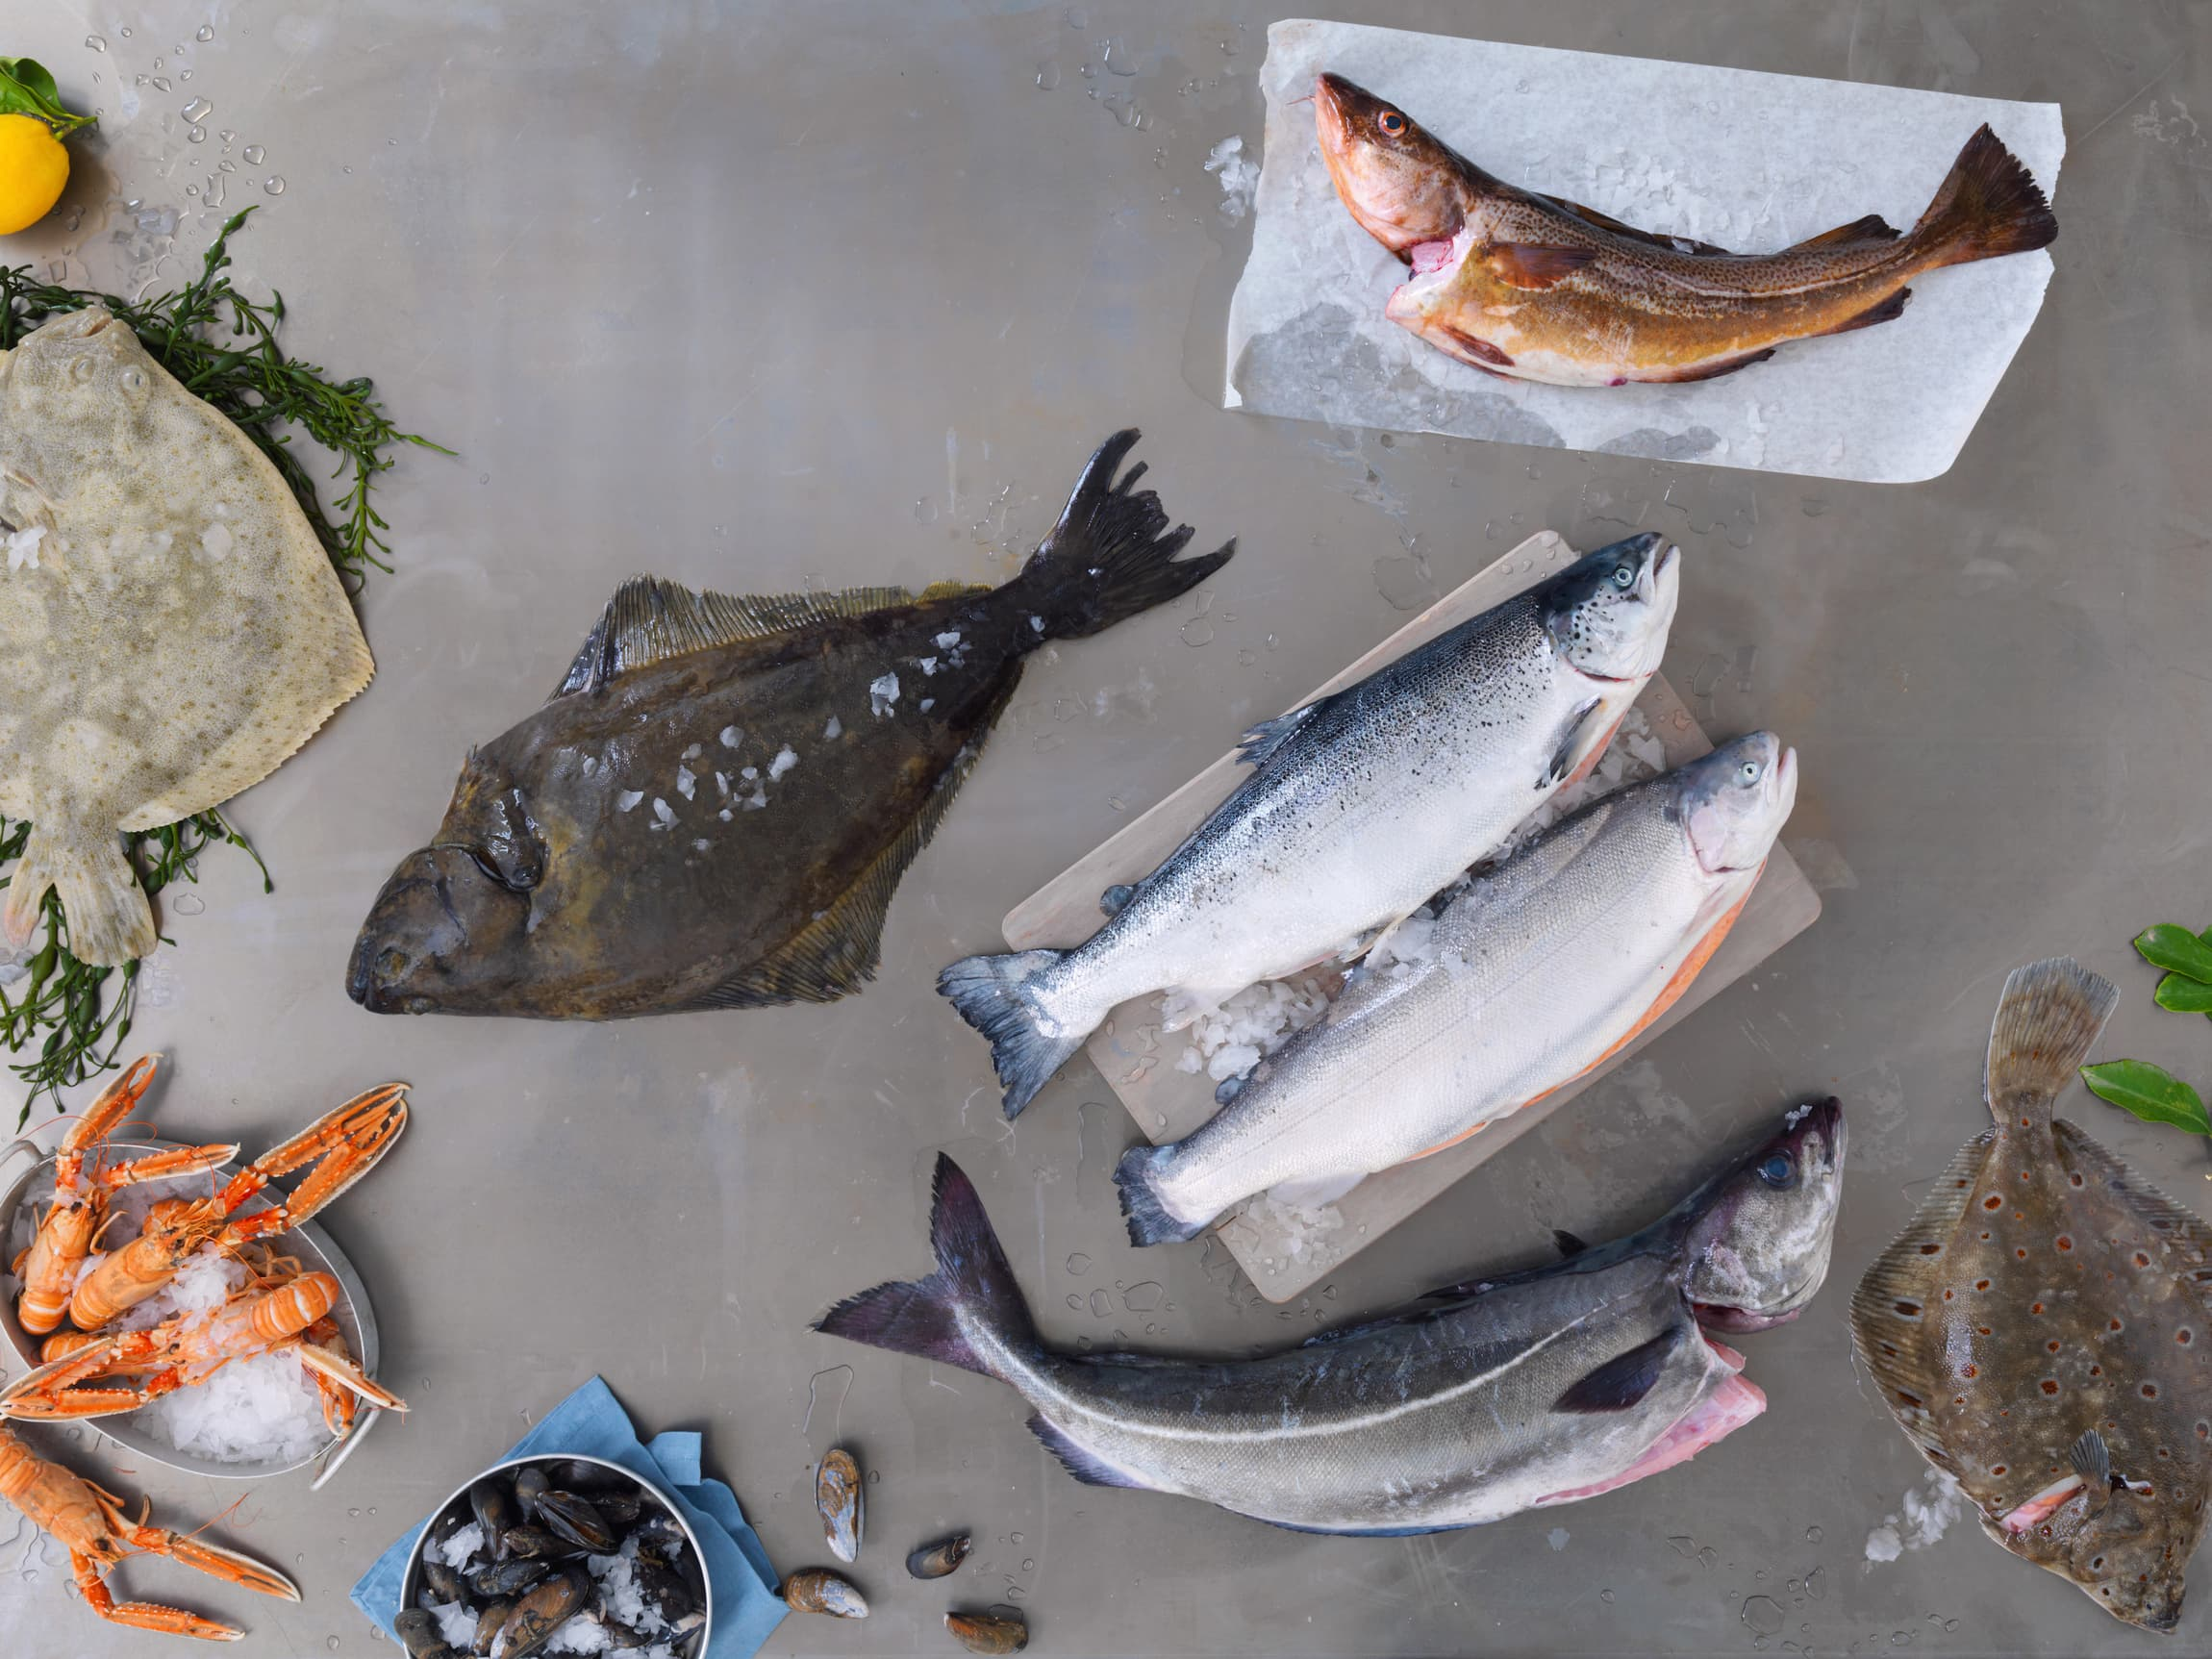 Ubearbeidet fisk er automatisk nøkkelhullsmerket - utforsk vår flotte fiskedisk og se utvalget!